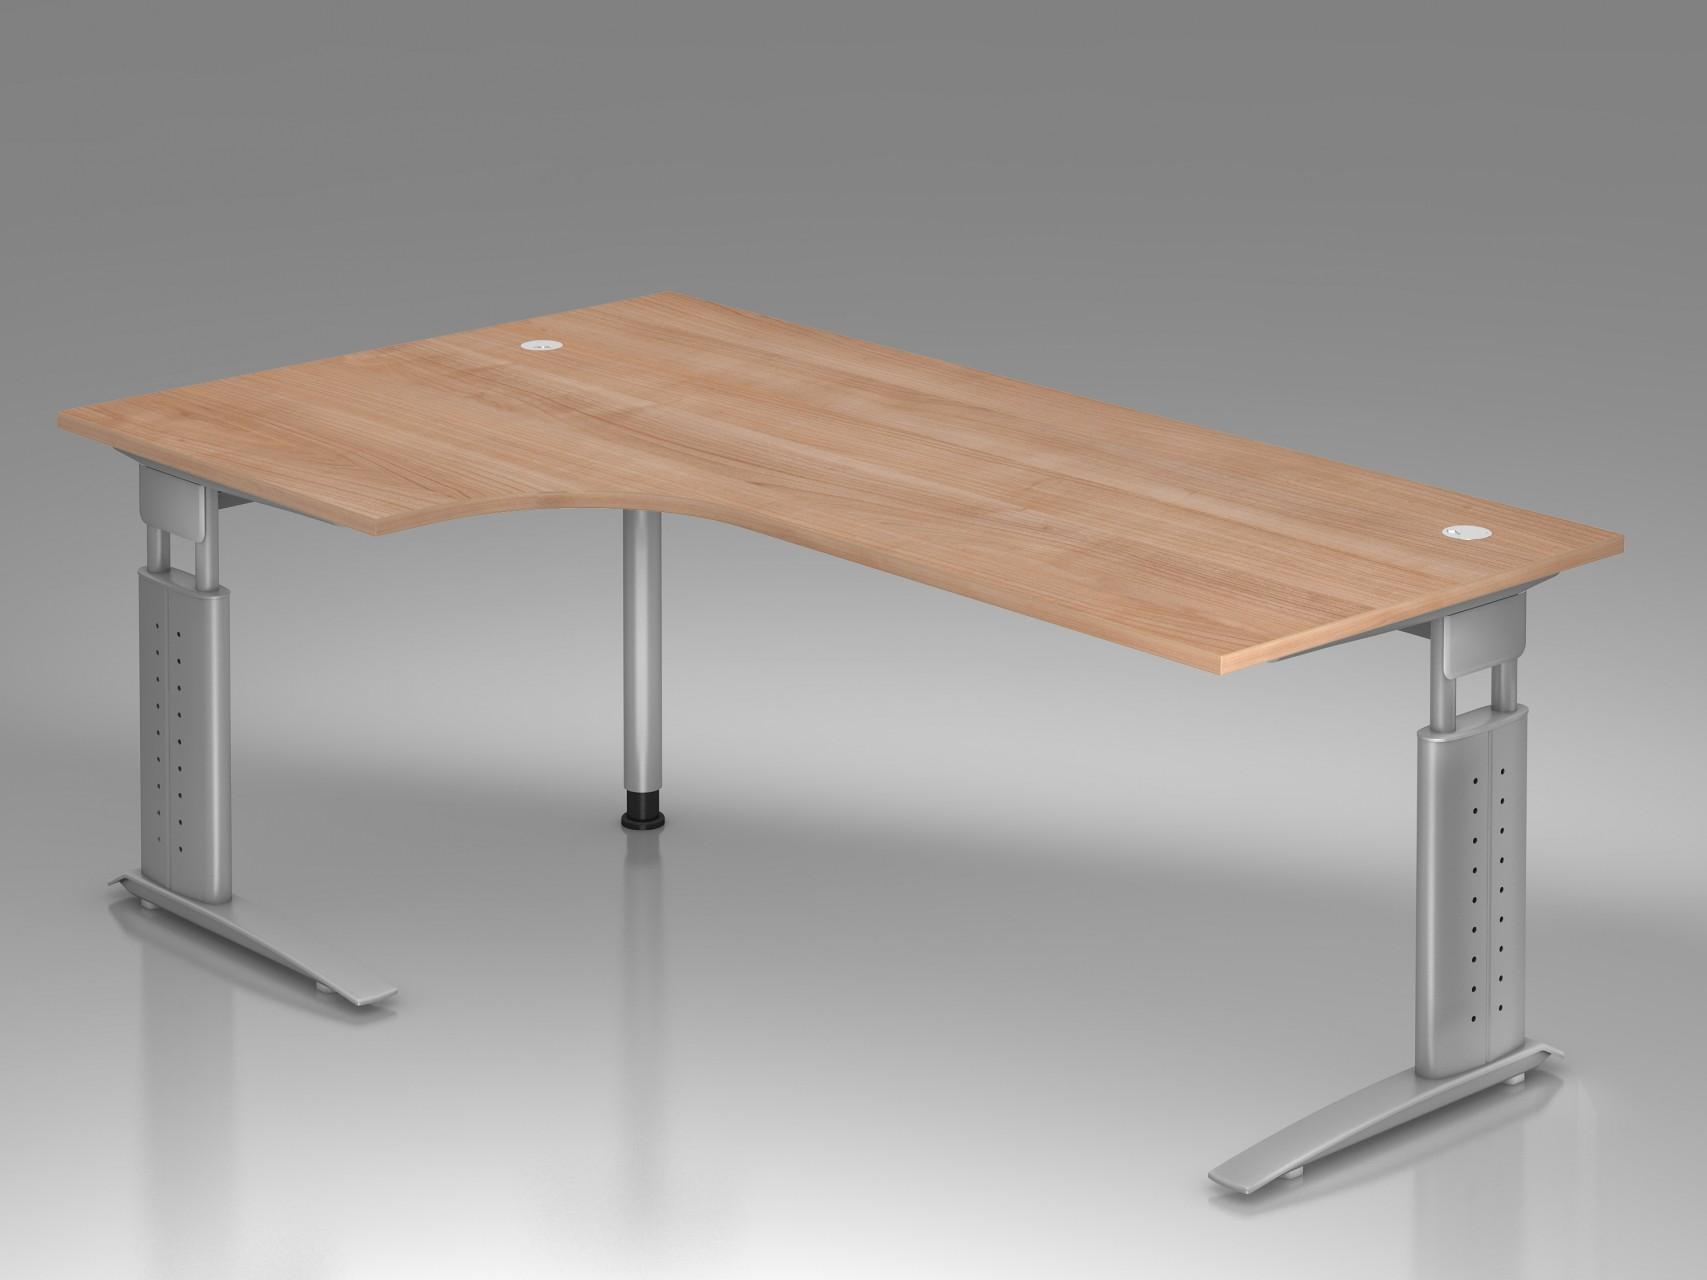 Bureau r glable en hauteur ergonomique plus compact achat bureaux r glables - Bureau hauteur reglable ...